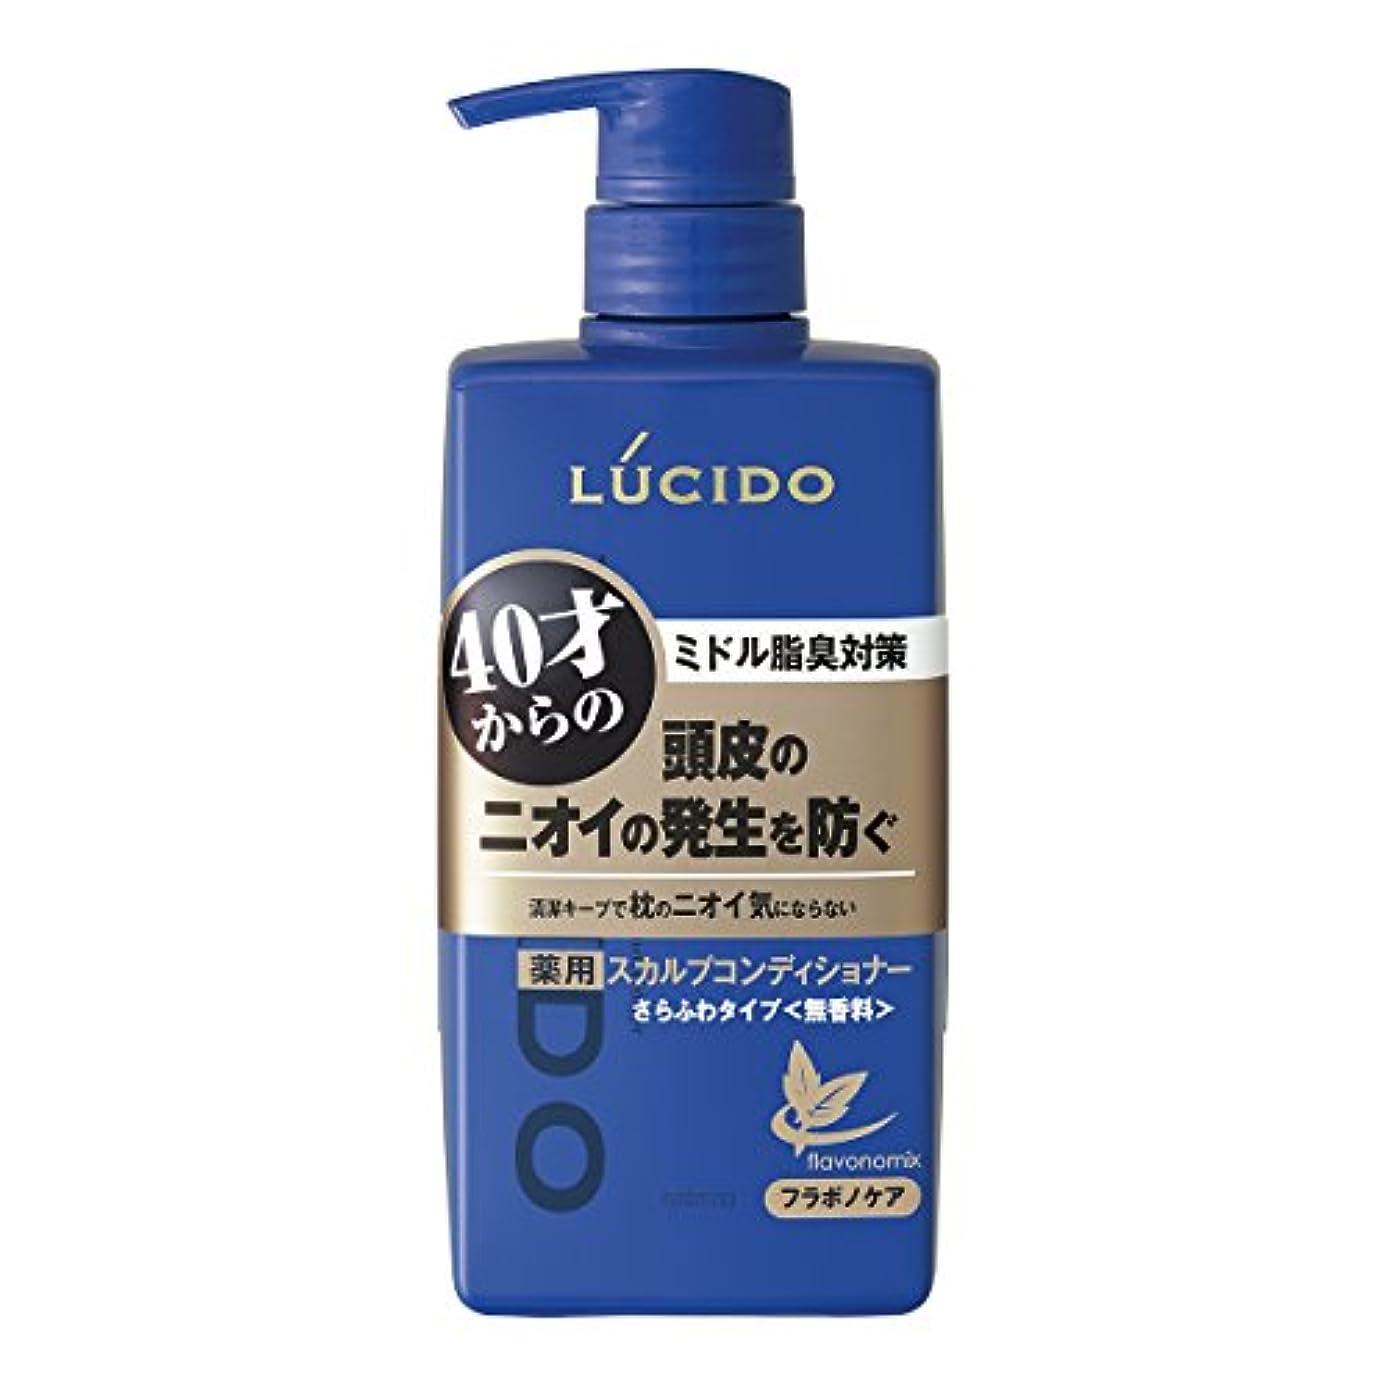 はっきりとクリアシガレットルシード 薬用ヘア&スカルプコンディショナー 450g(医薬部外品)